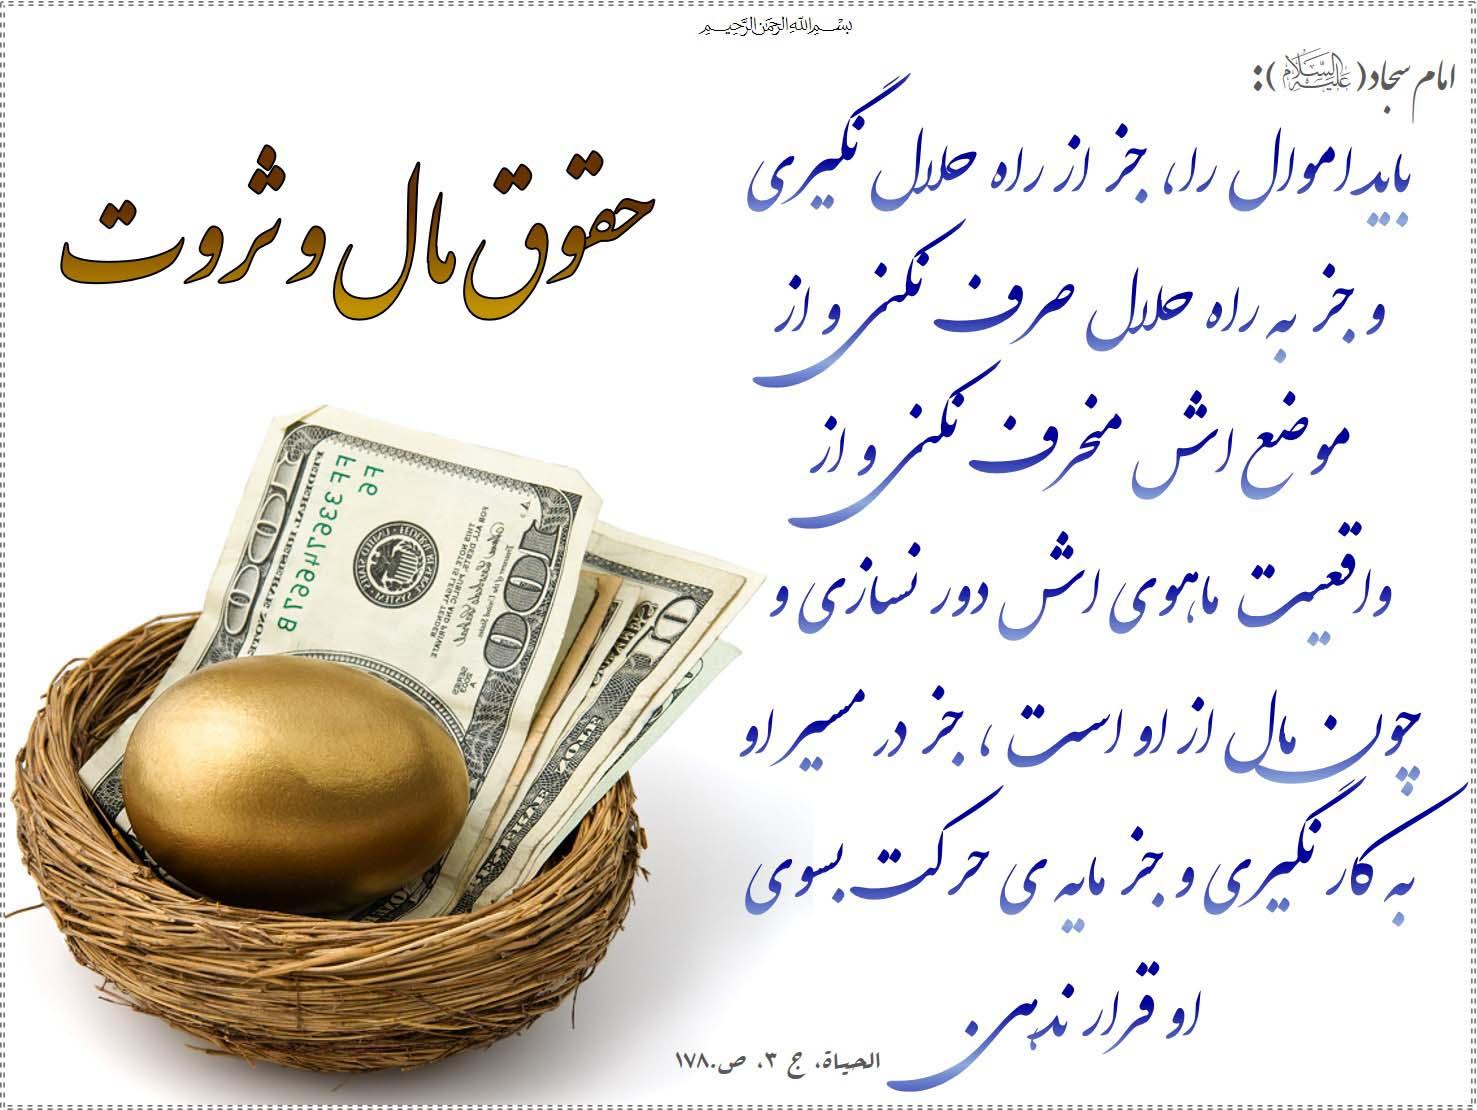 حقوق مال و ثروت  حقوق مال و ثروت